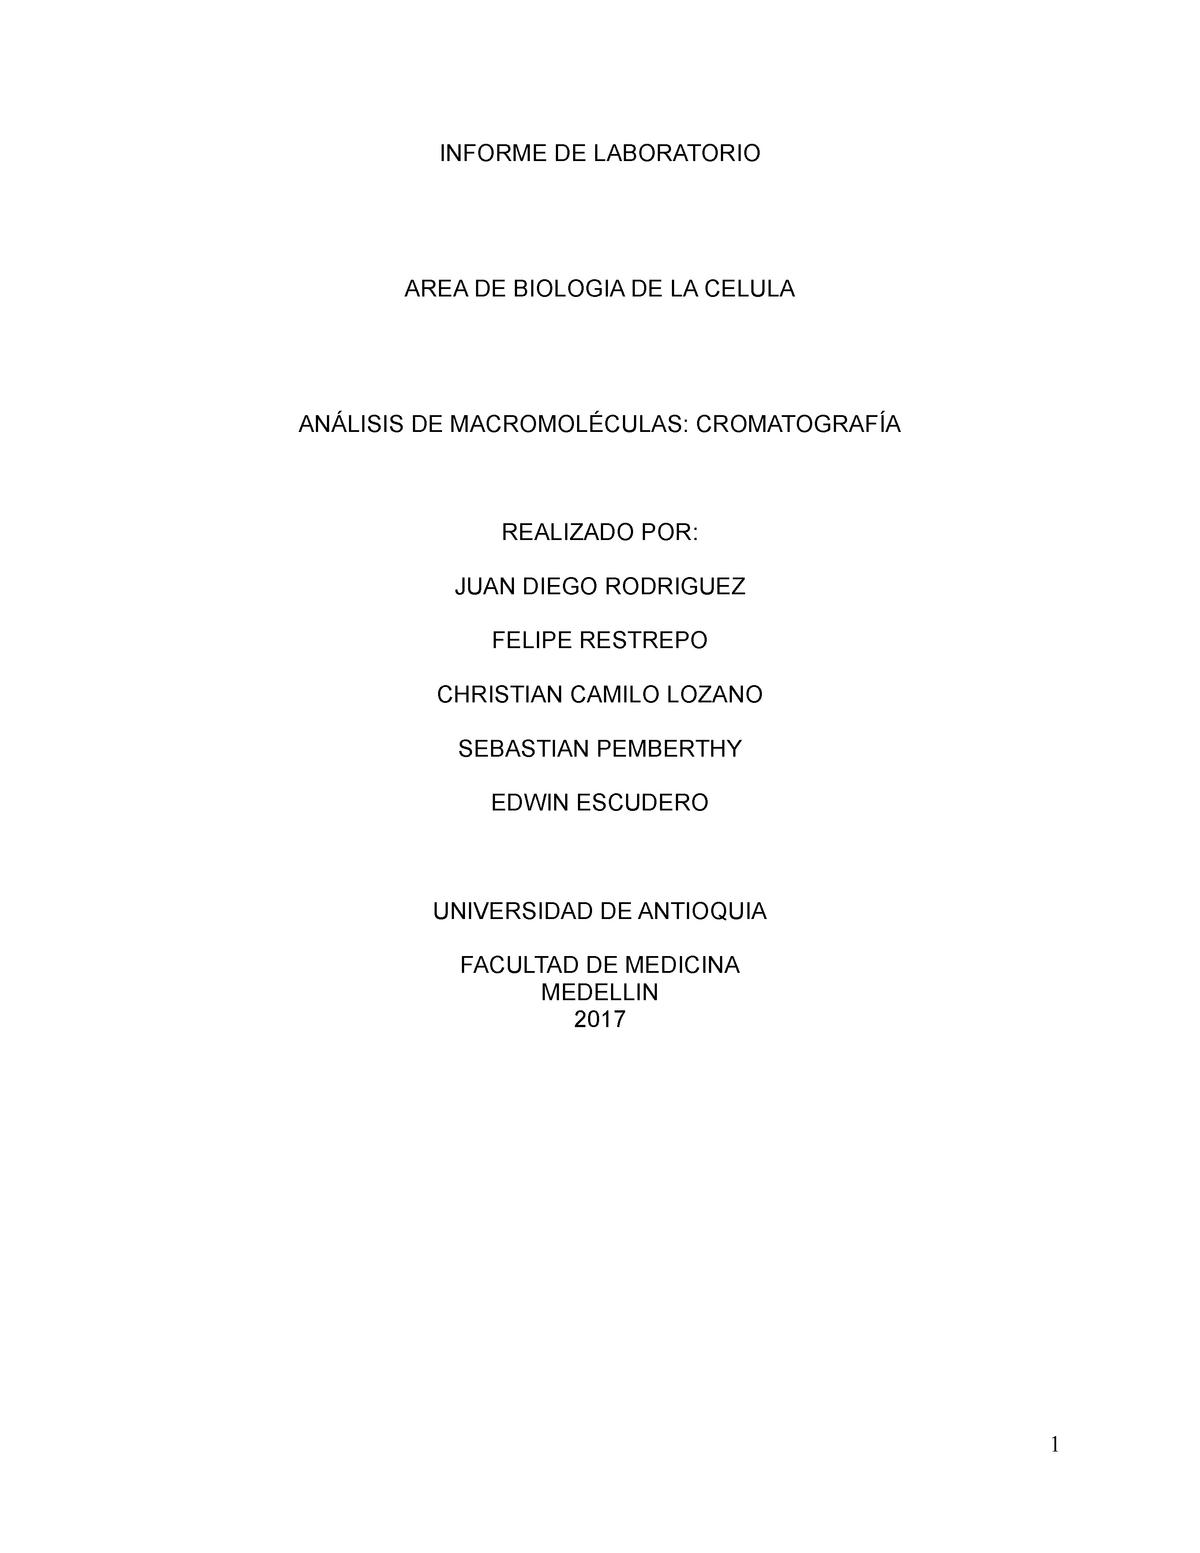 Lab 2. Análisis de Macromoléculas - 3021102 - UdeA - StuDocu